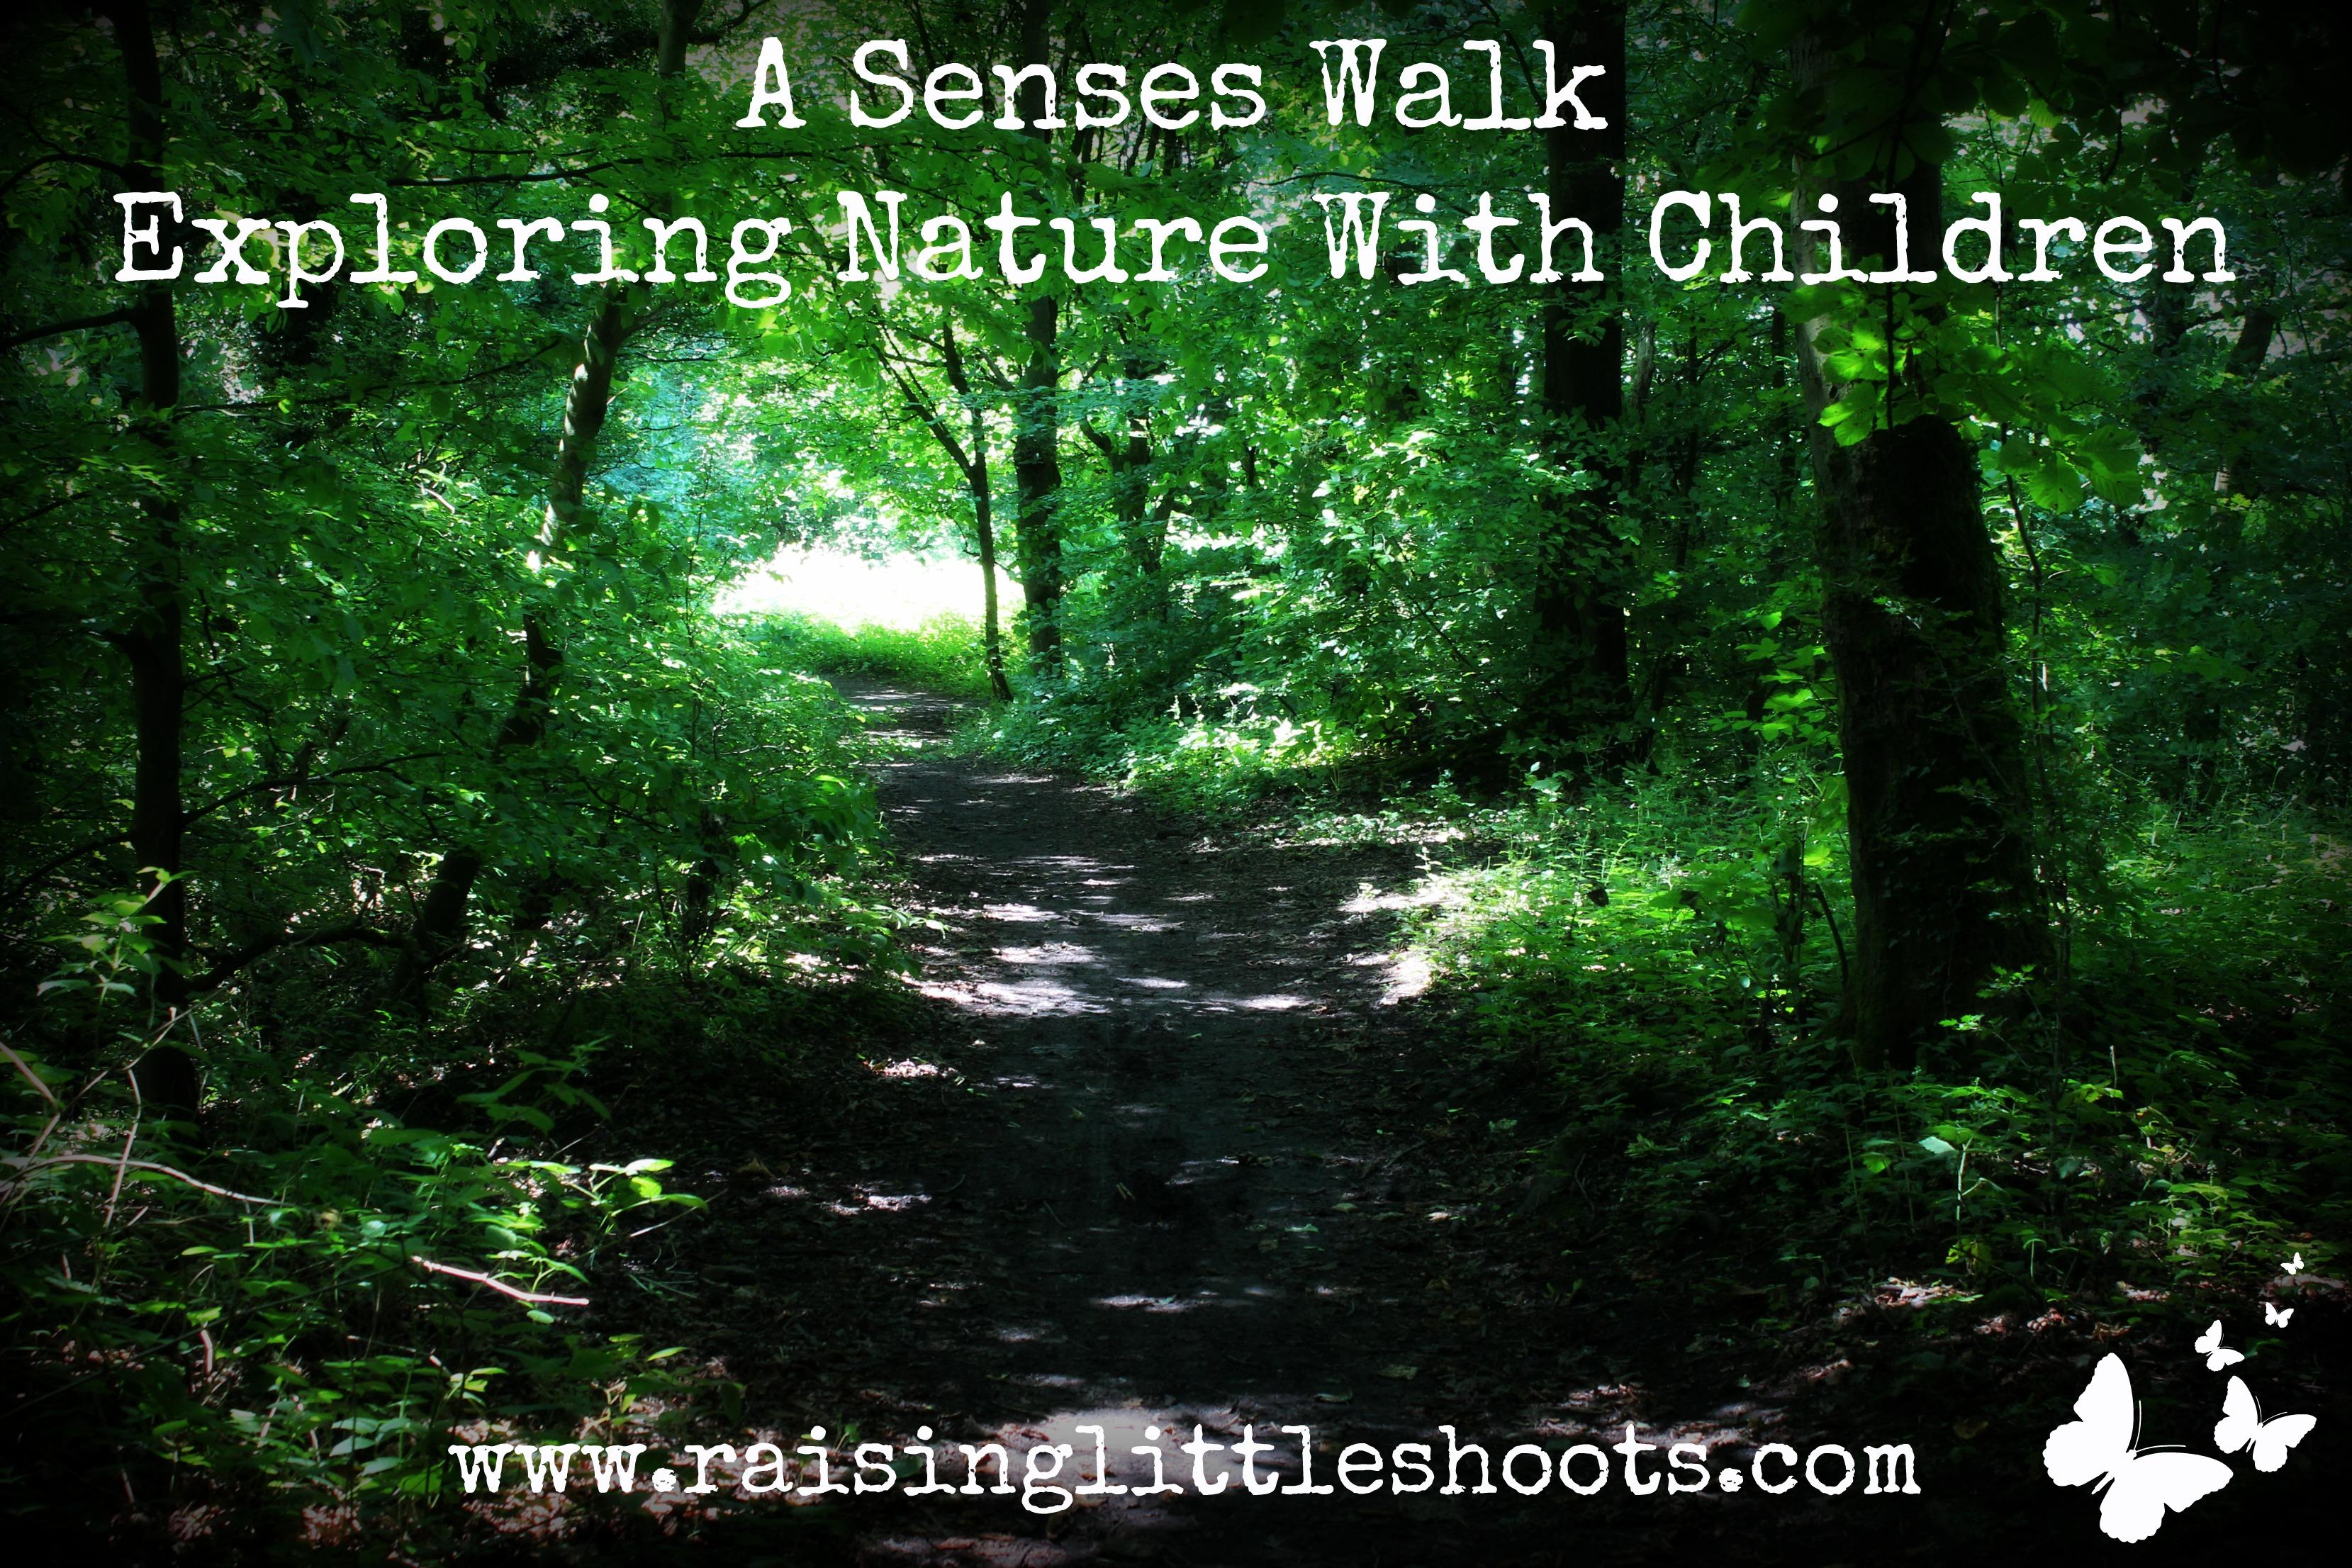 A Senses Walk Exploring Nature With Children